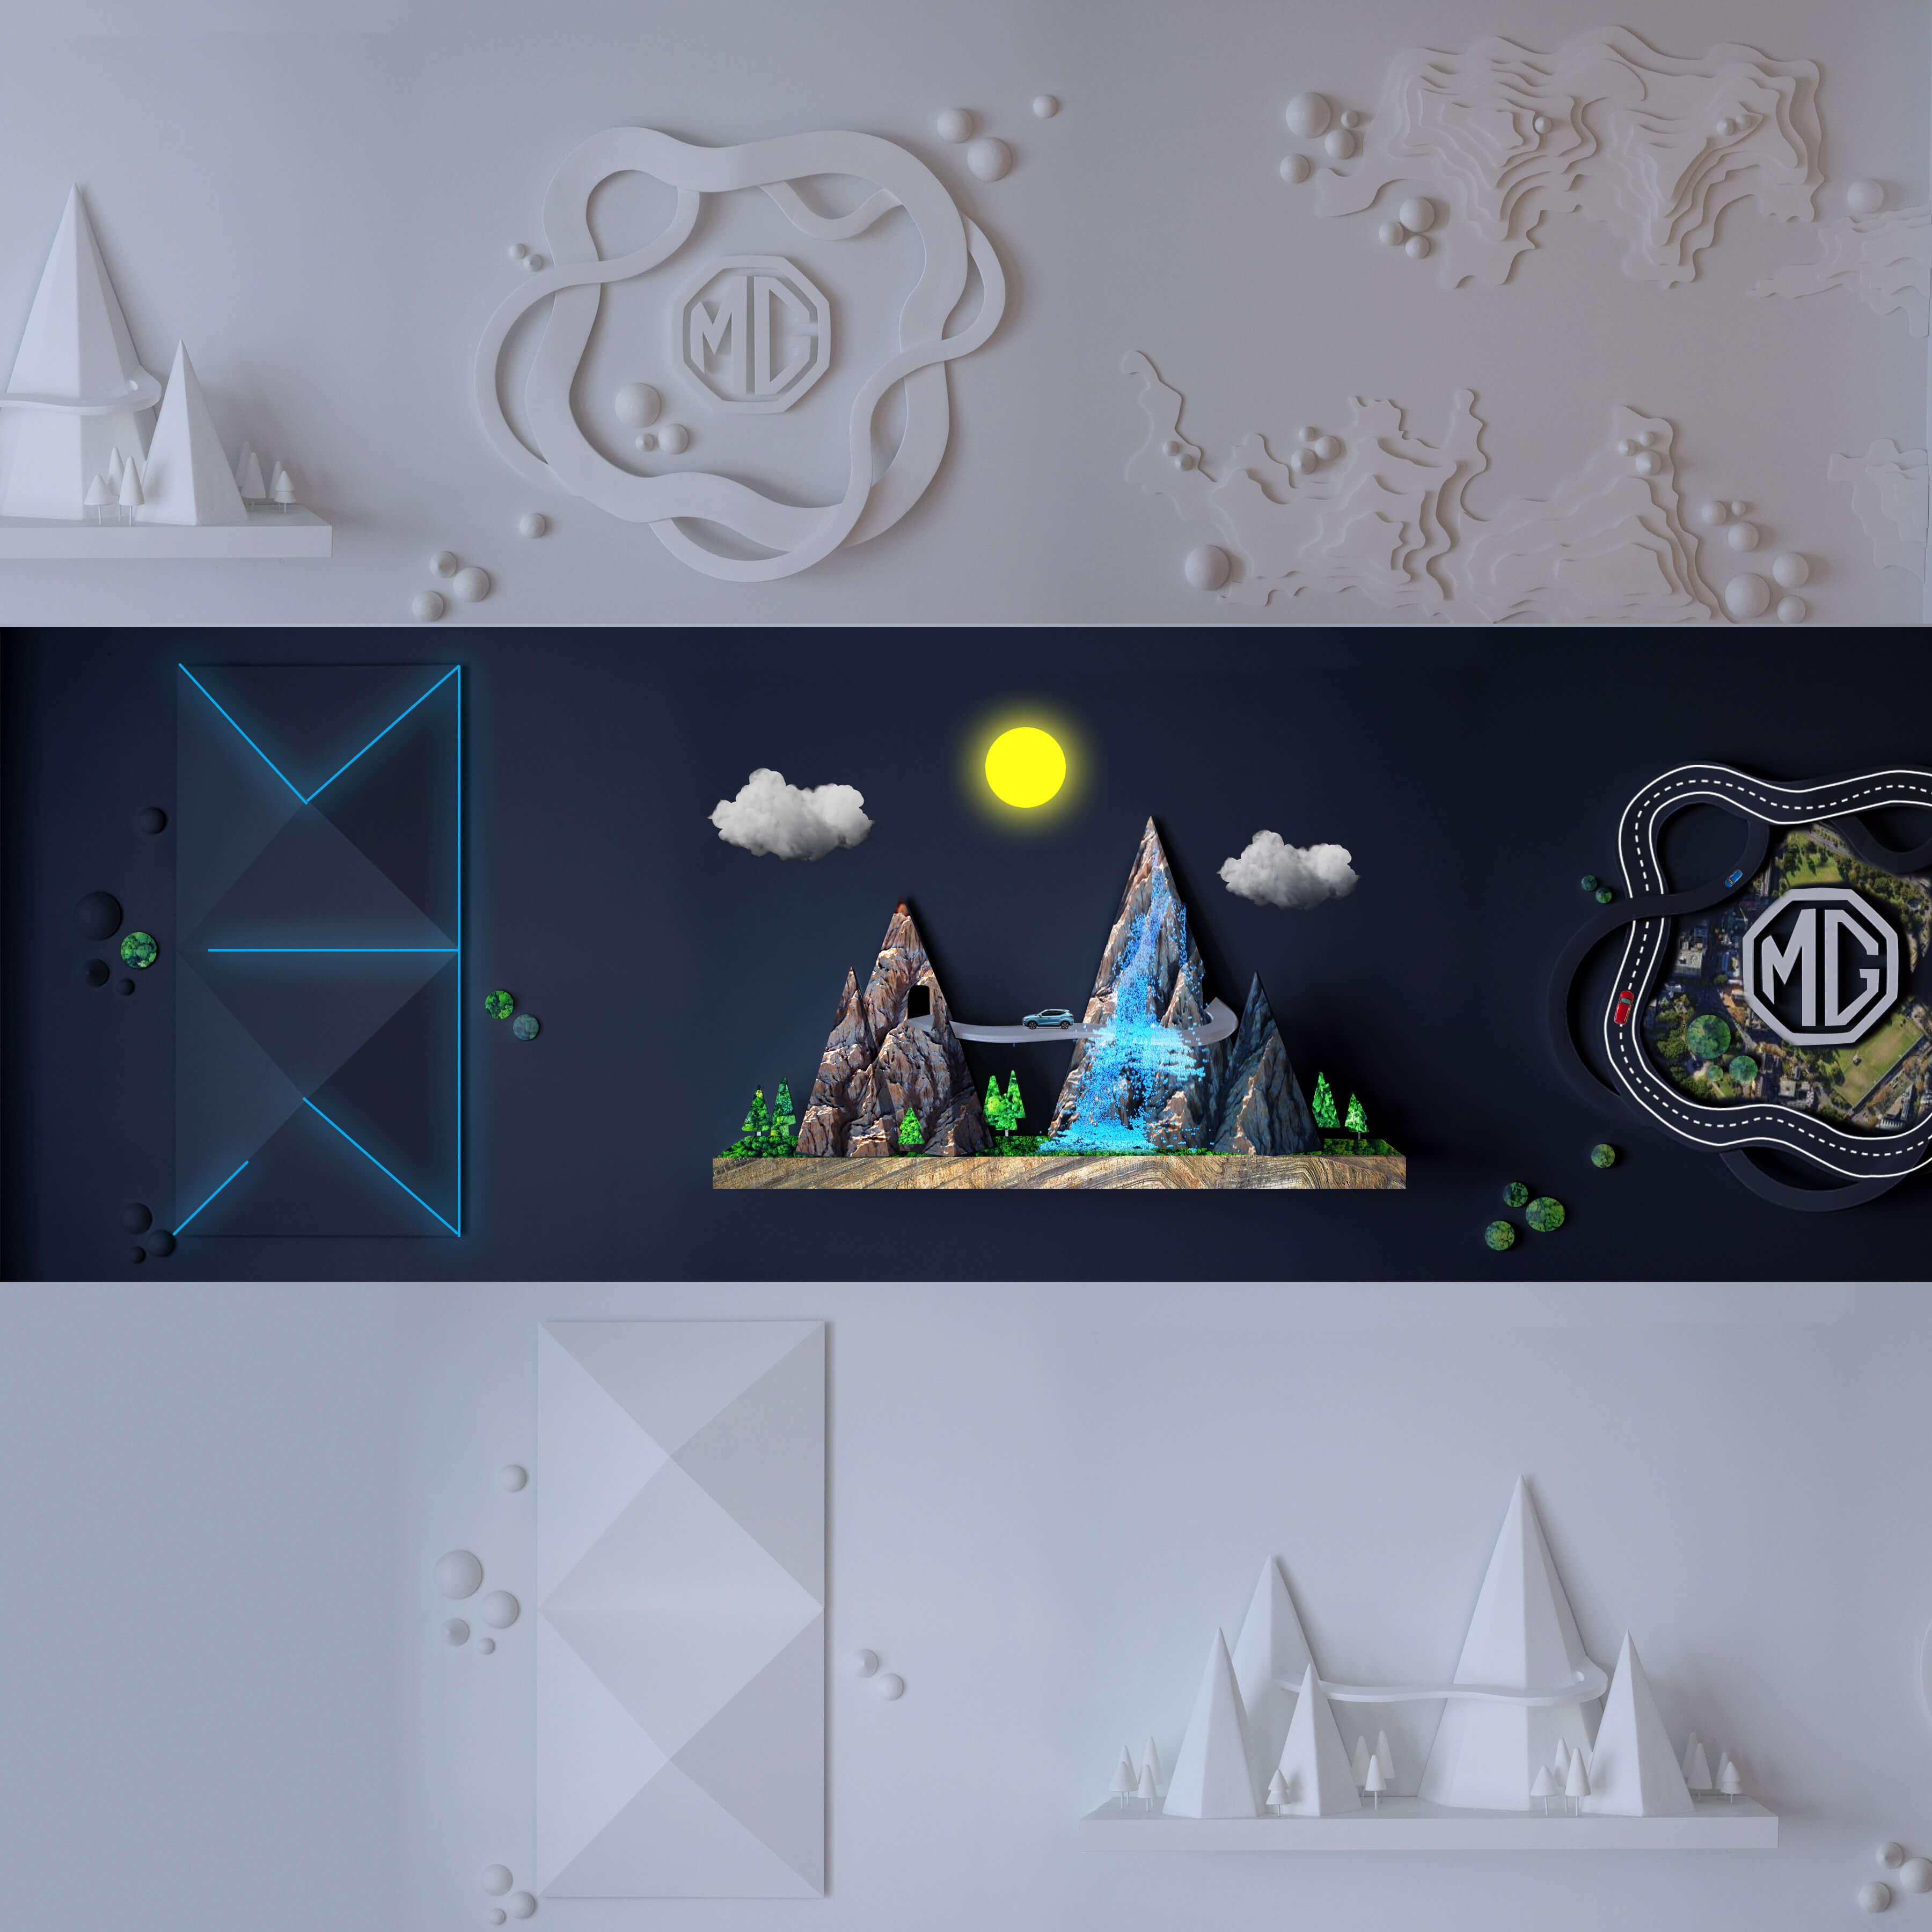 Innovative MG ZS EV wall sculpture wins five international design awards